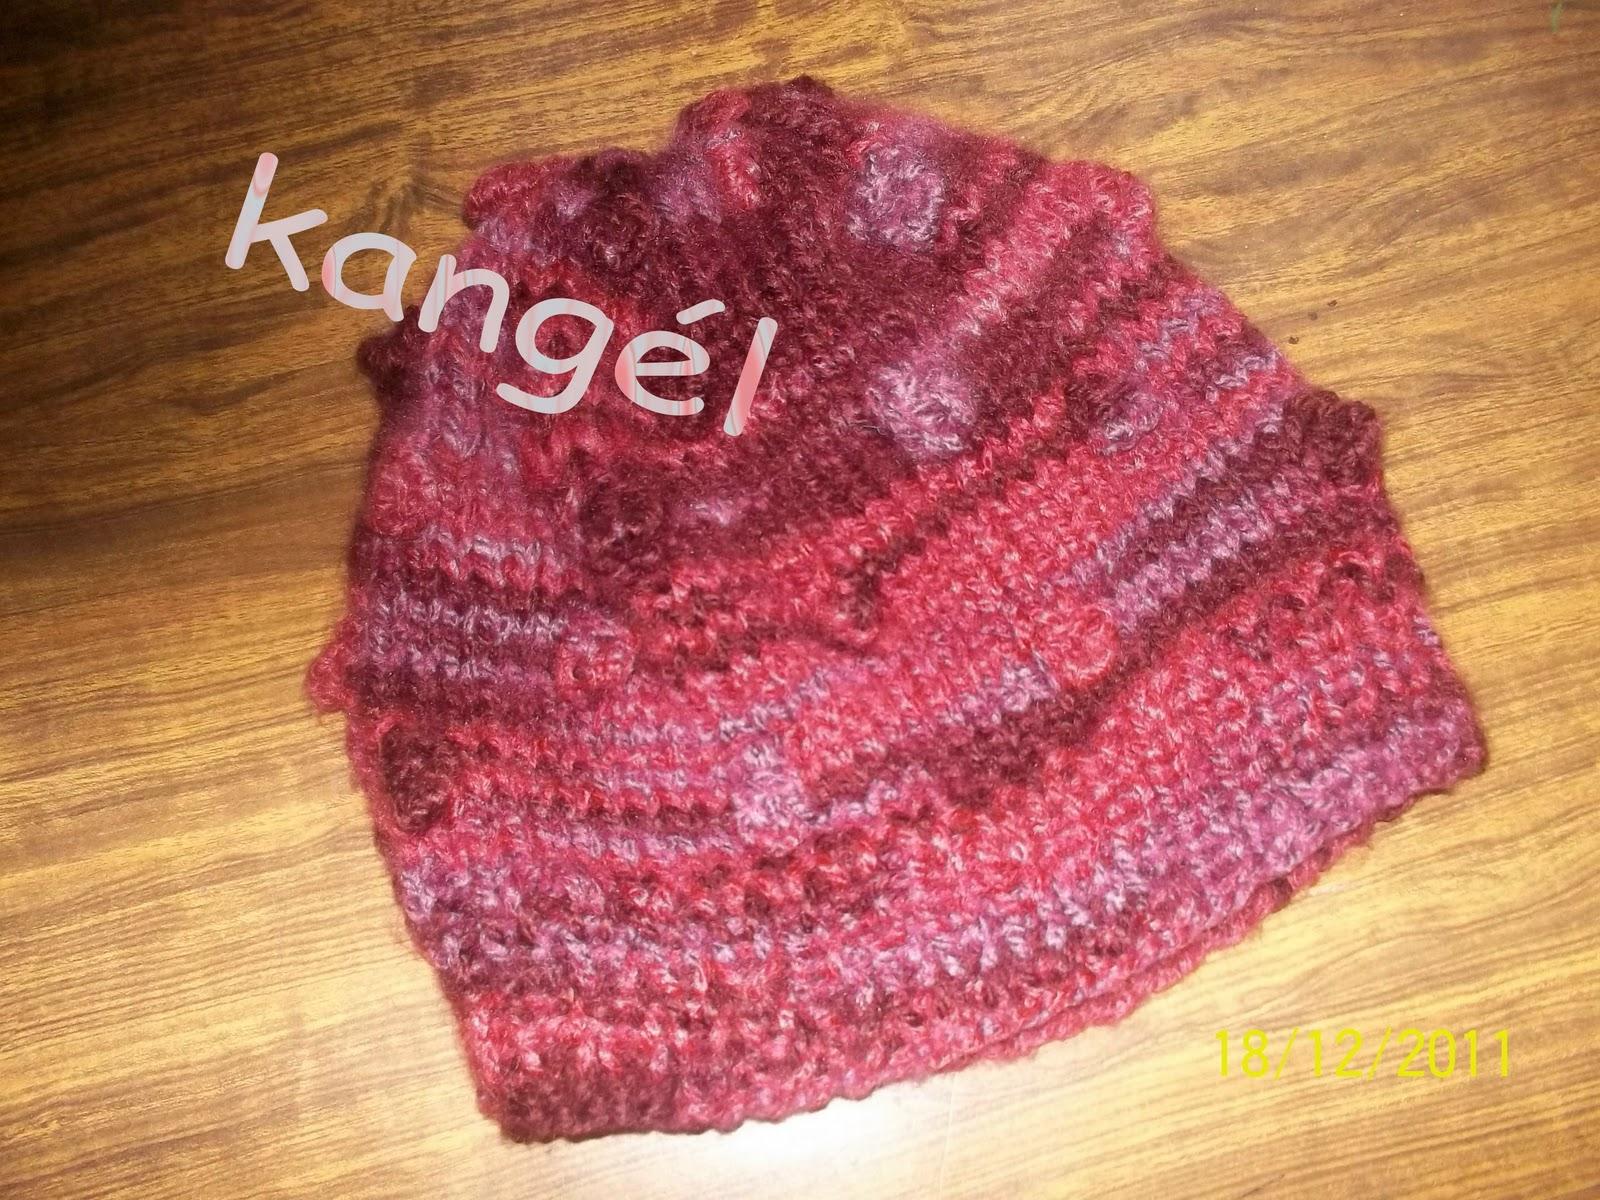 Tejidos Kangél: gorra con punto nueces